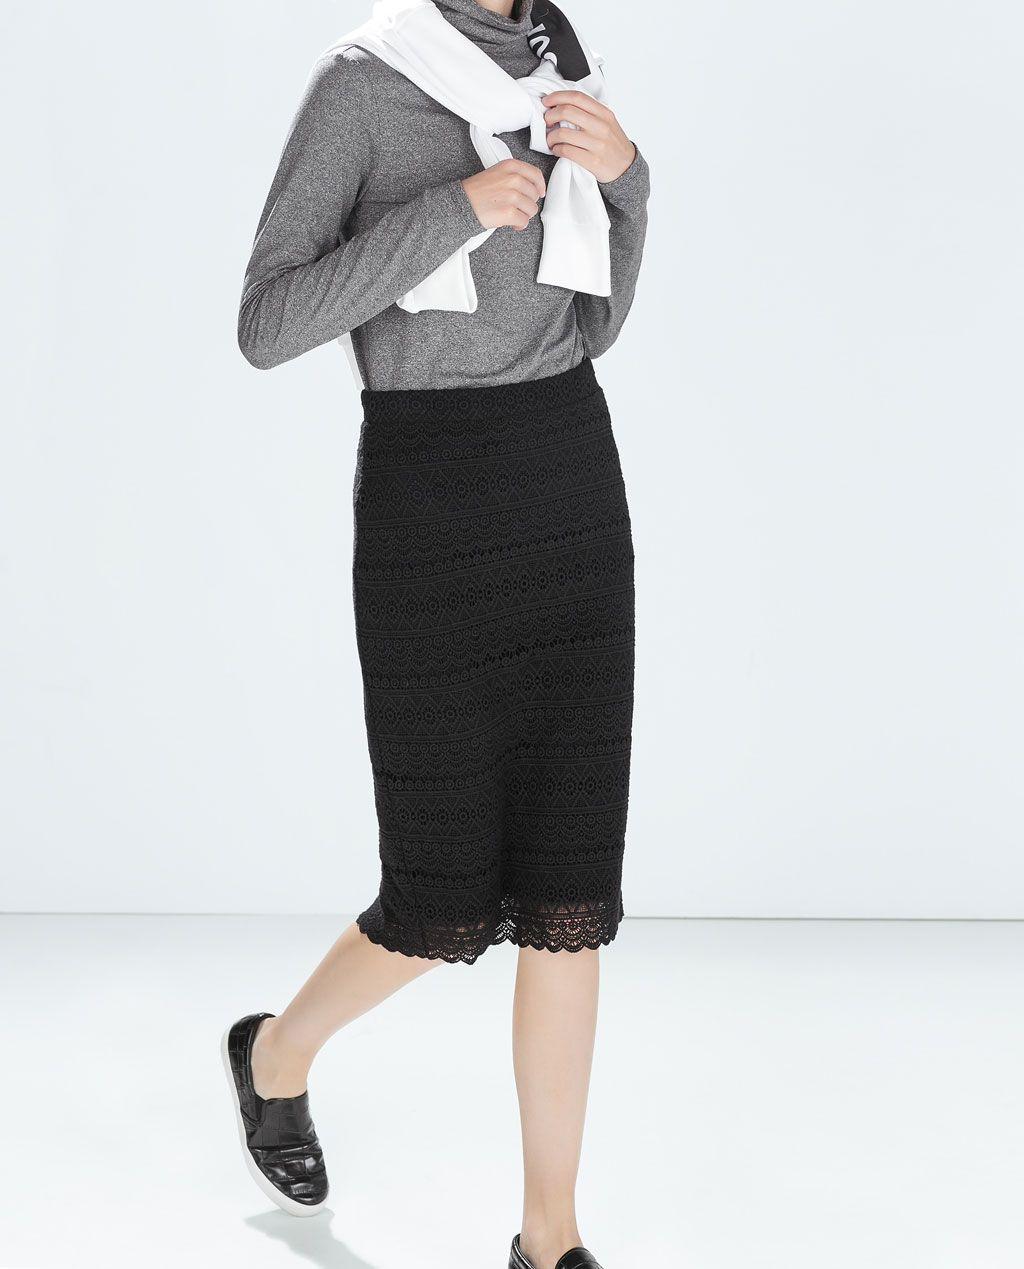 Catálogo Zara Trafaluc - Falda de tubo con tejido de encaje